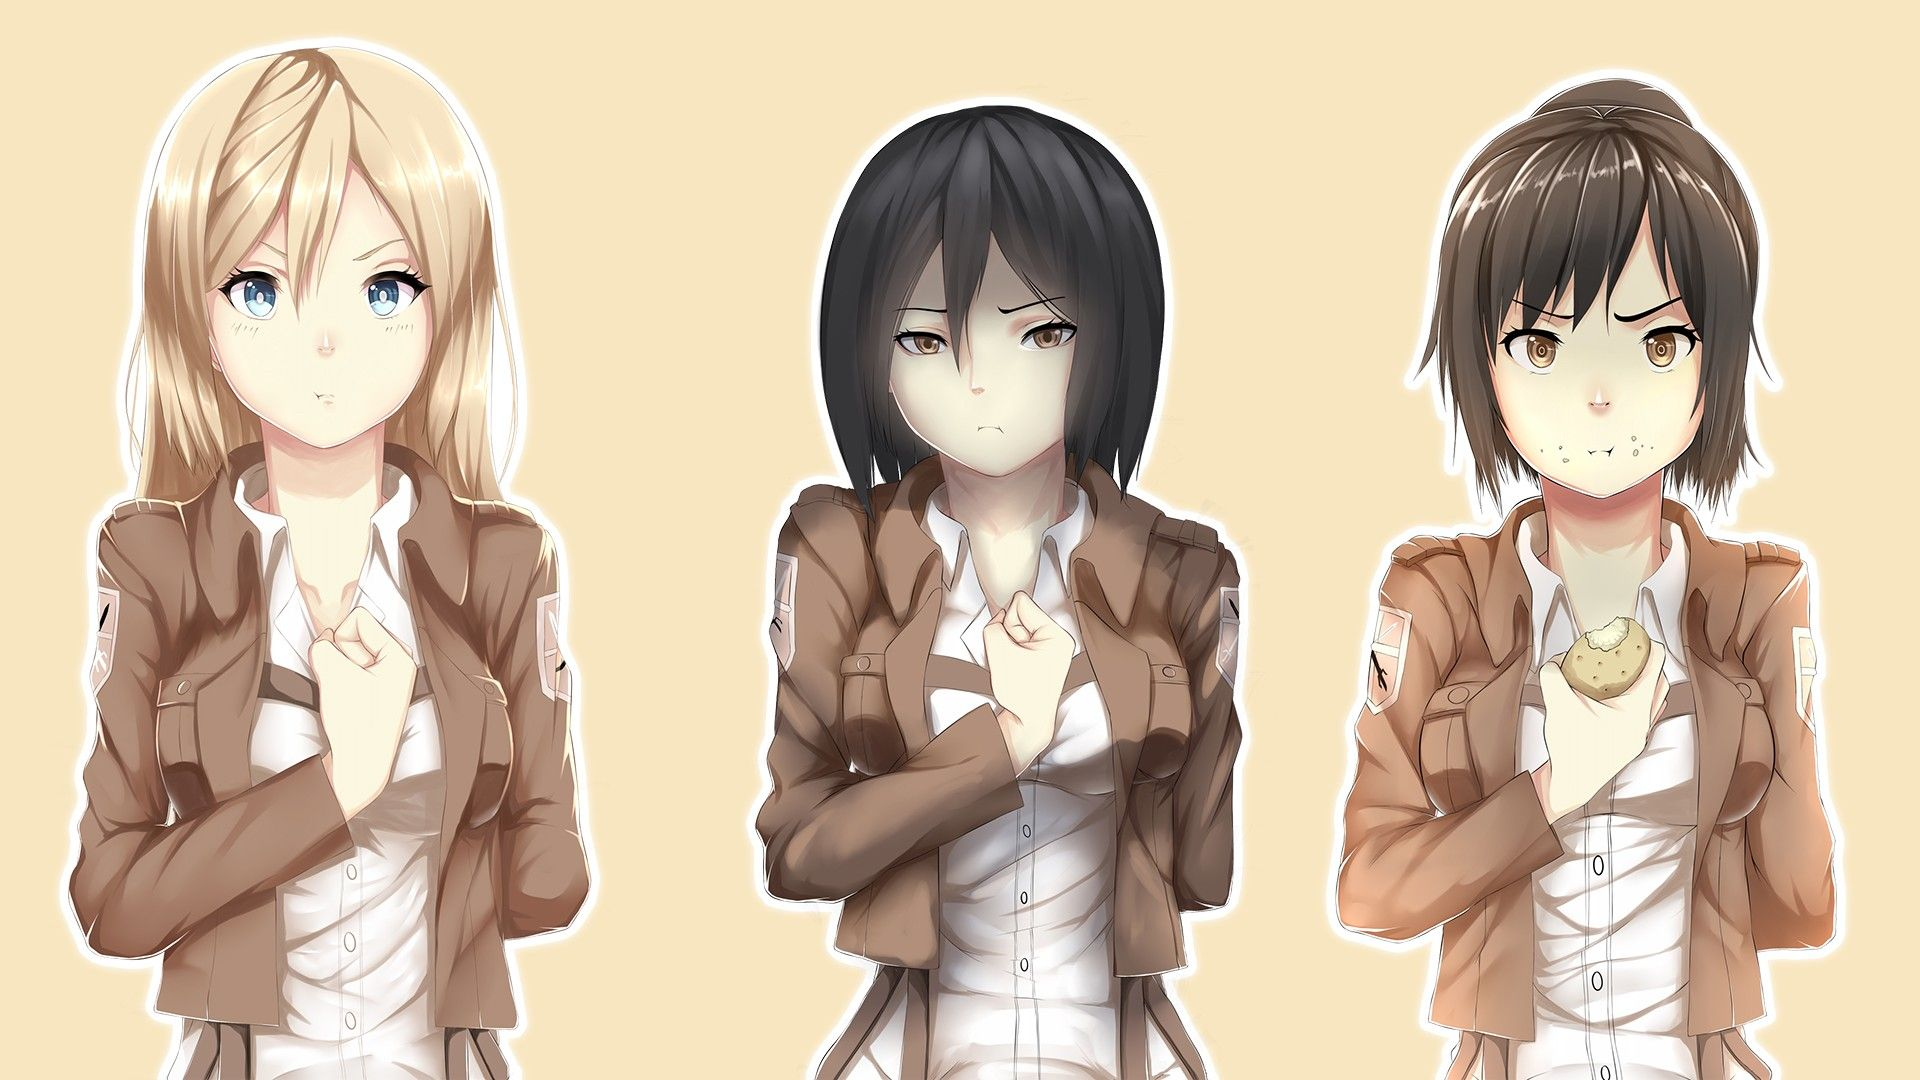 Anime attack on titan sasha blouse mikasa ackerman